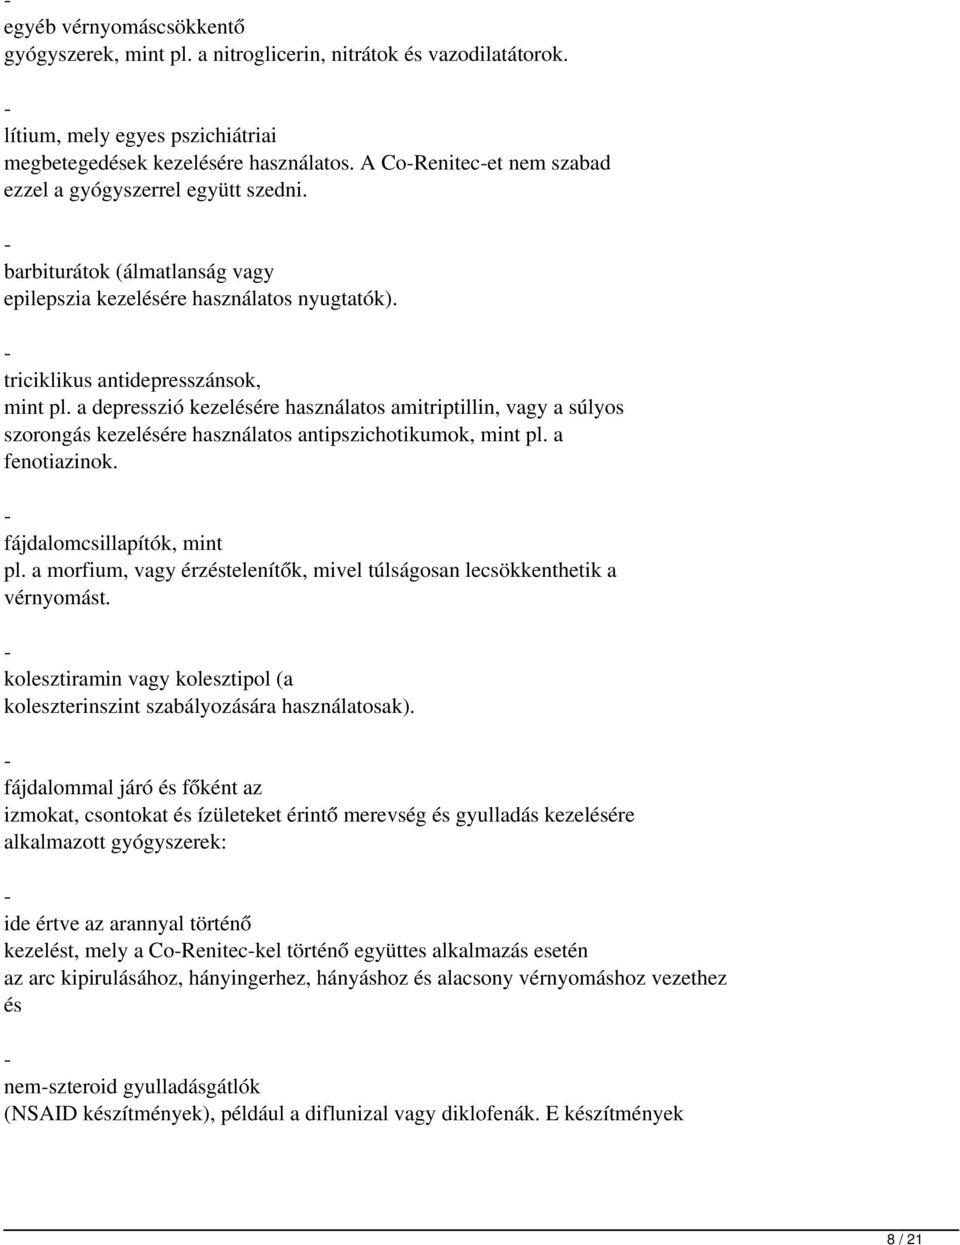 nitroglicerin alkalmazása magas vérnyomás esetén